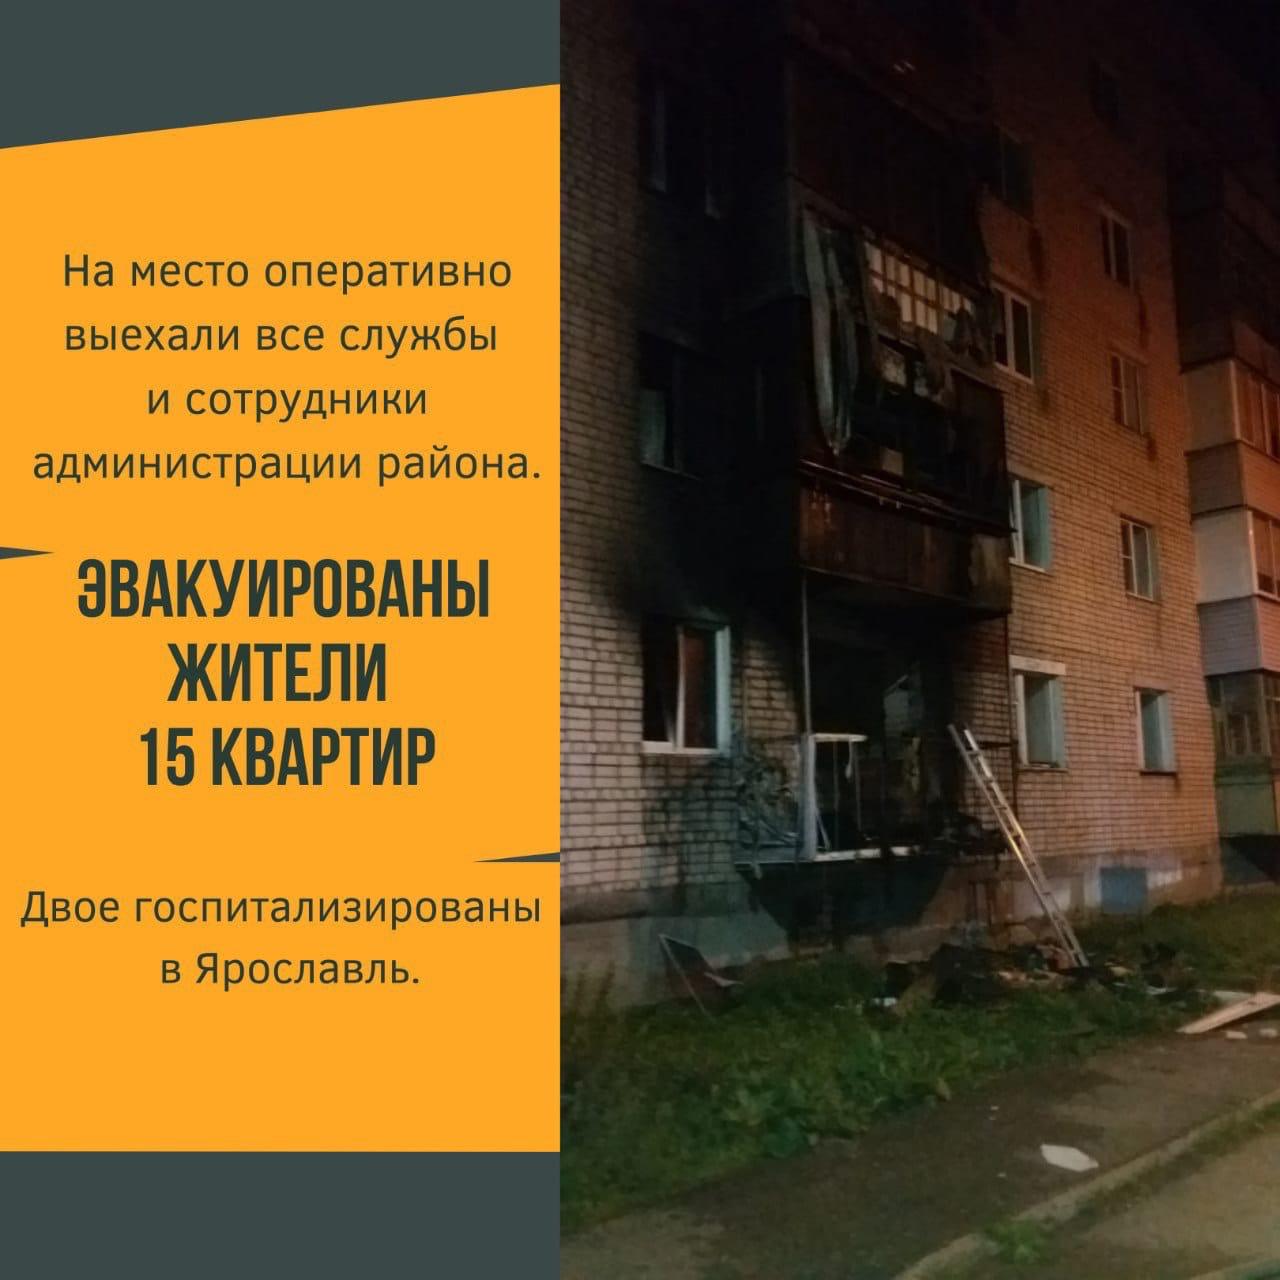 После пожара в поселке Константиновский двое жителей госпитализированы в Ярославль